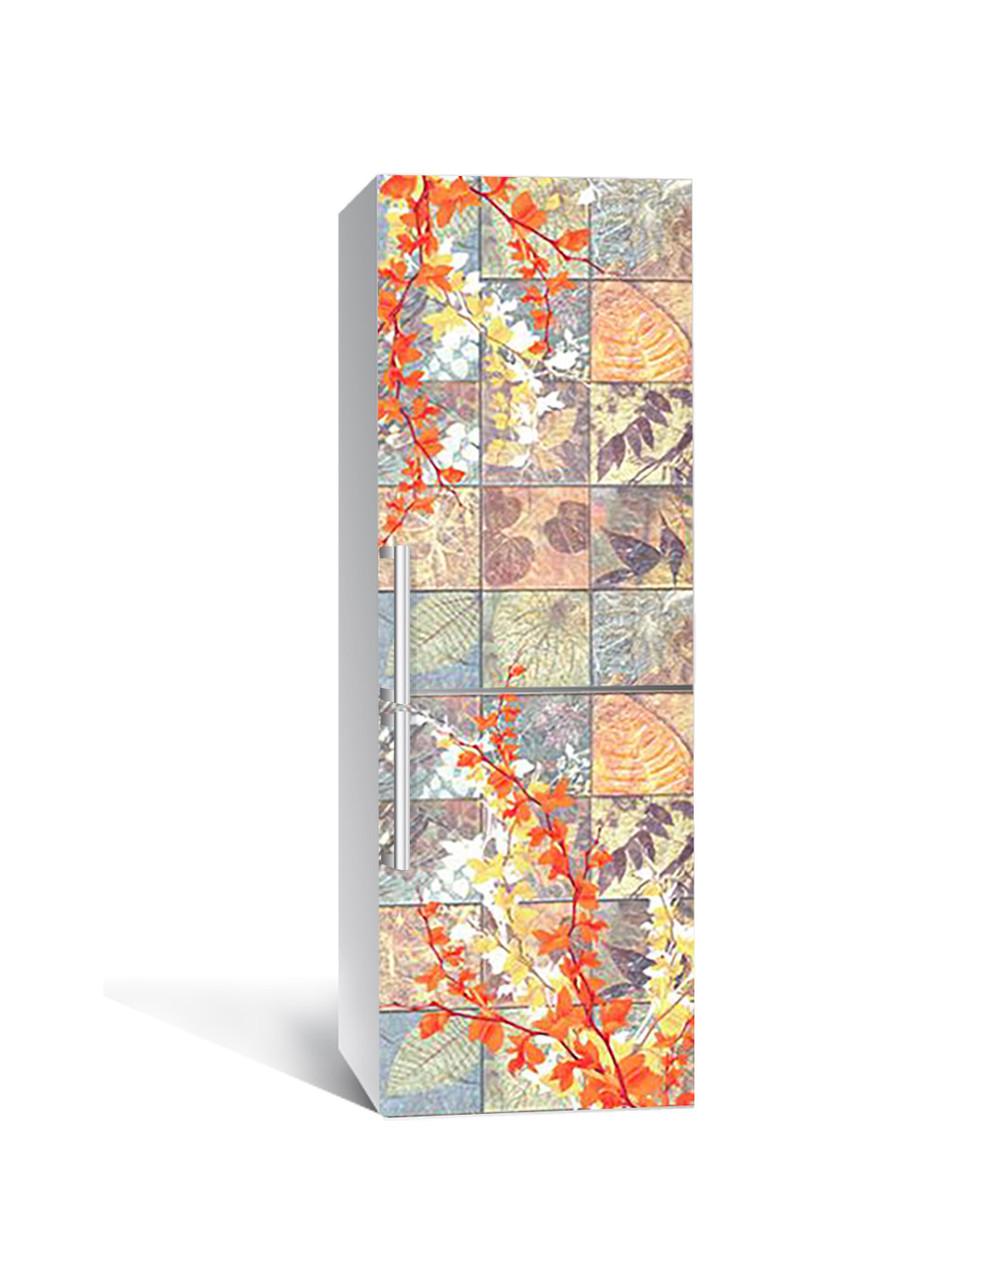 Вінілова 3Д наклейка на холодильник Осінній Орнамент ПВХ плівка самоклеюча під плитку Текстура Бежевий